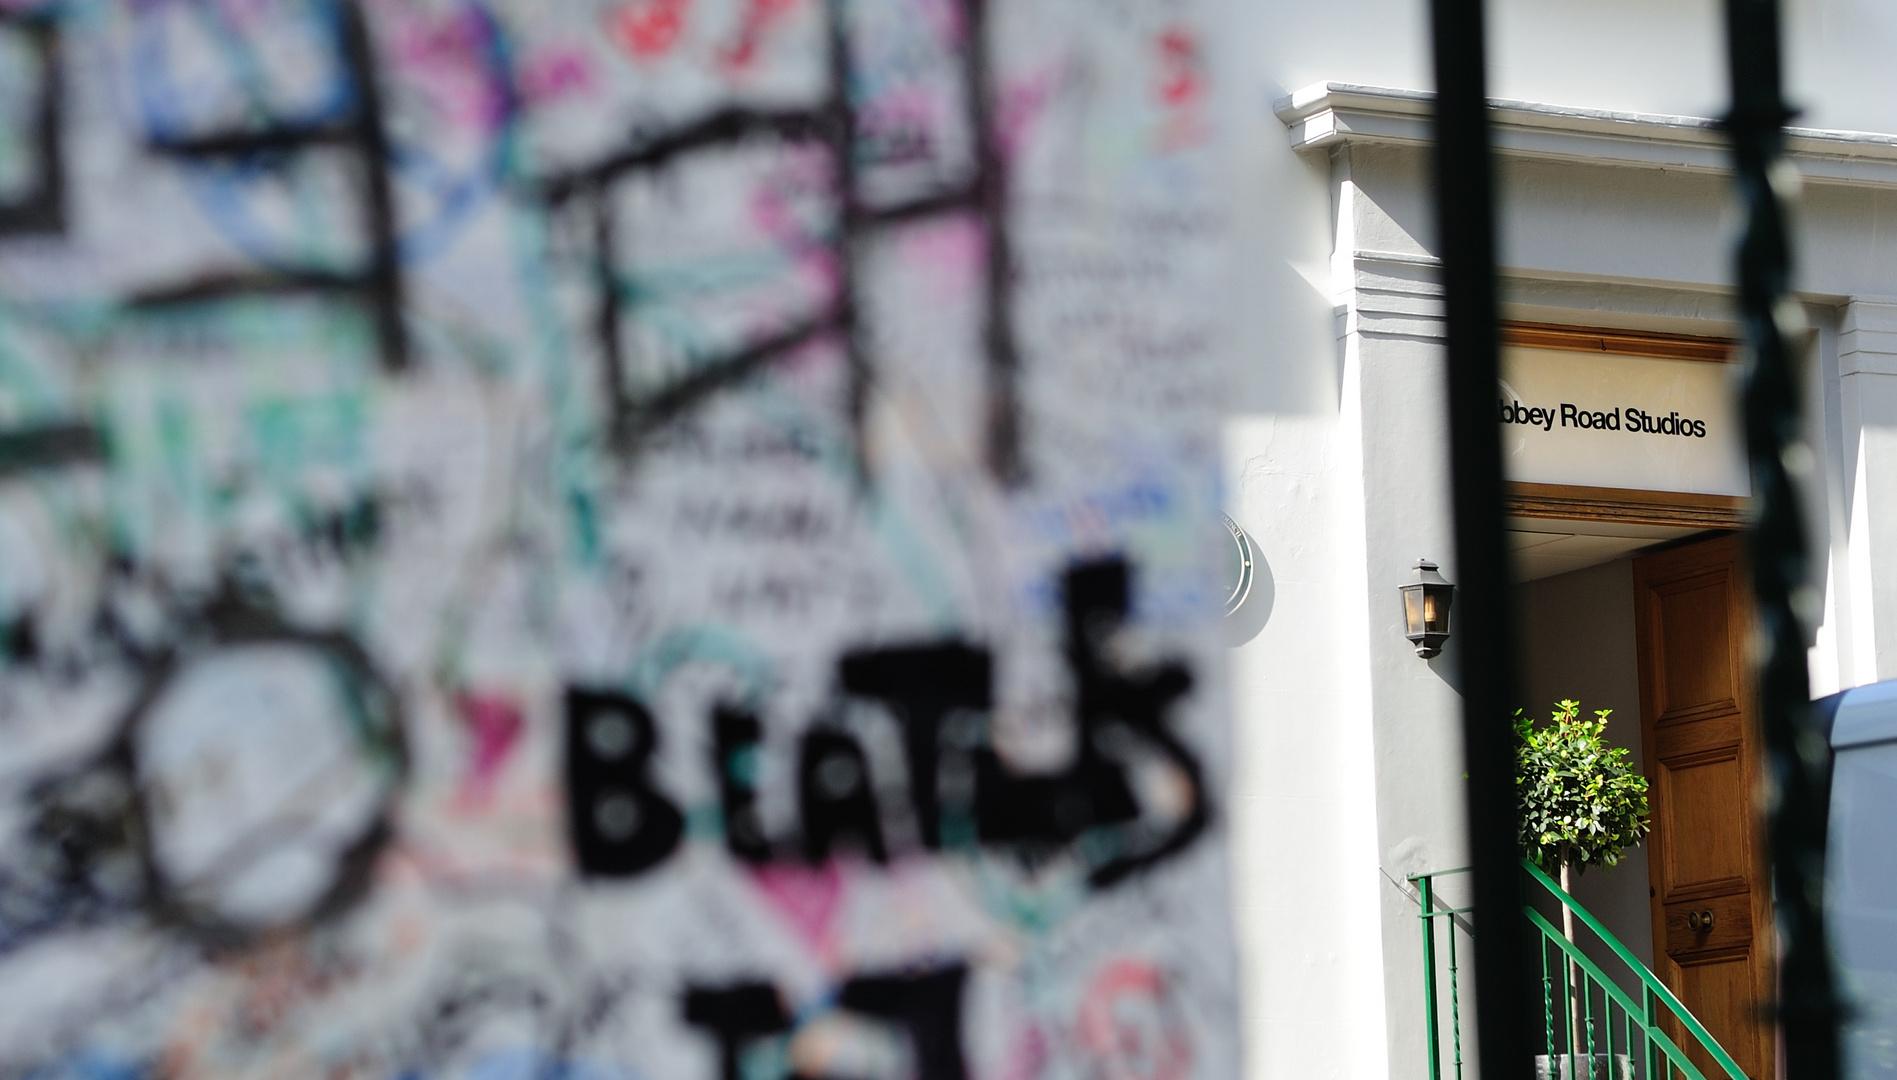 Beatles Studios London